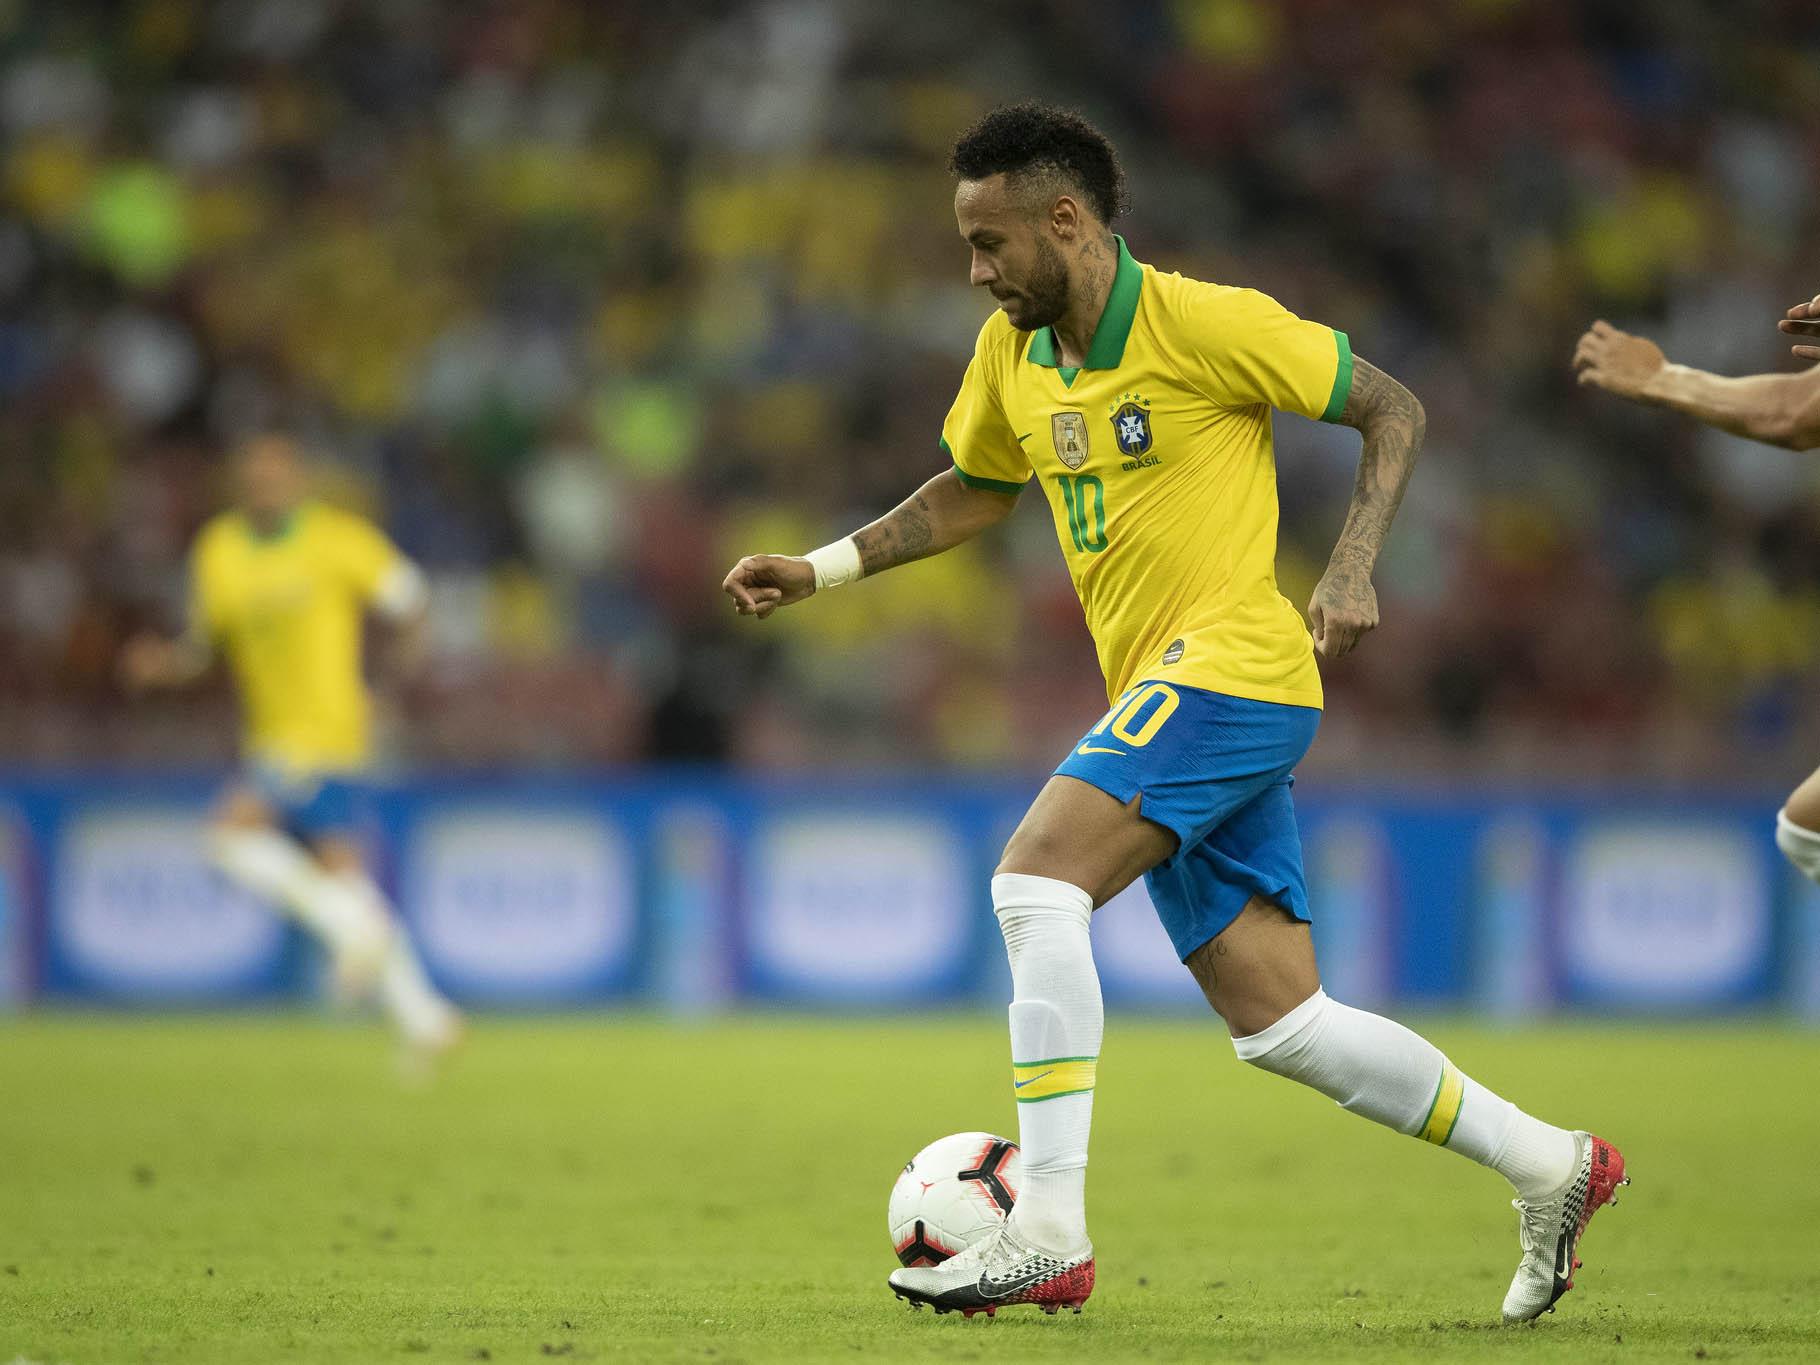 Decidido a deixar o PSG na última janela de transferências, Neymar se esforçou para ser contratado pelo Real Madrid, afirma jornal espanhol (Foto: Lucas Figueiredo/CBF)